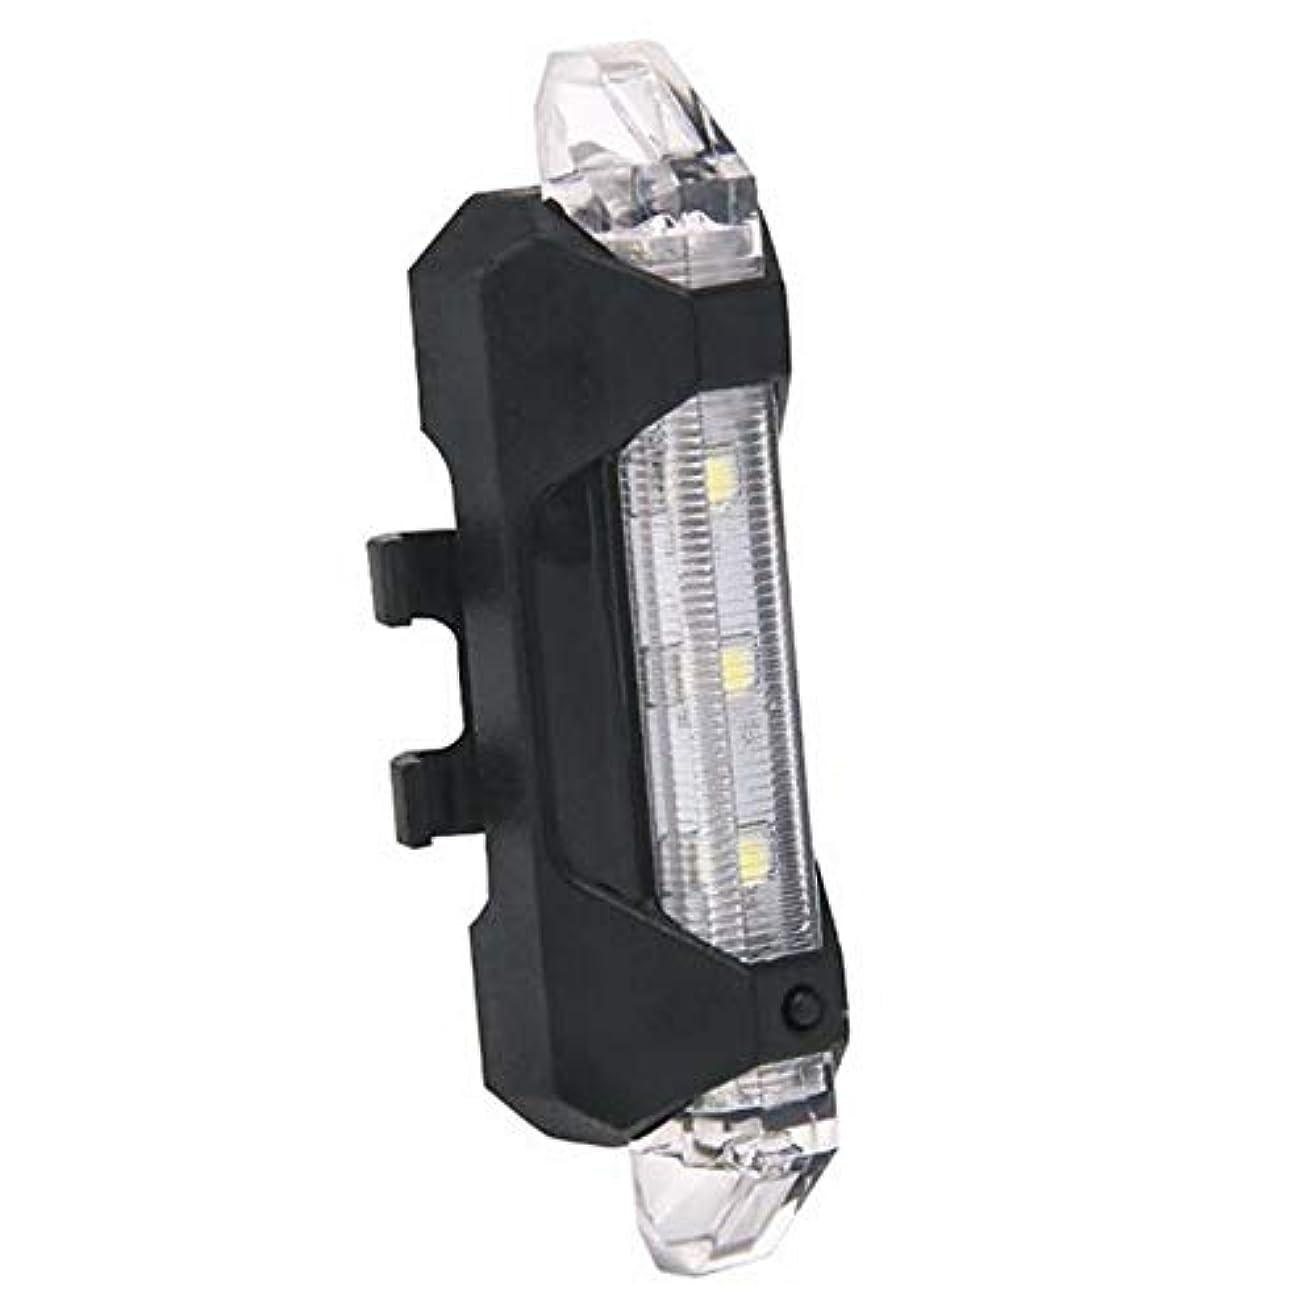 最大の本土測るOpliy 自転車用ライトUSB充電式自転車用テールライト3つのライトモードを備えた強力なLED自転車用テールライトサイクリング用2 USBケーブル安全懐中電灯ヘルメットマウンテンバイク長寿命簡単取り付け 品質保証 (Color : WHITE)